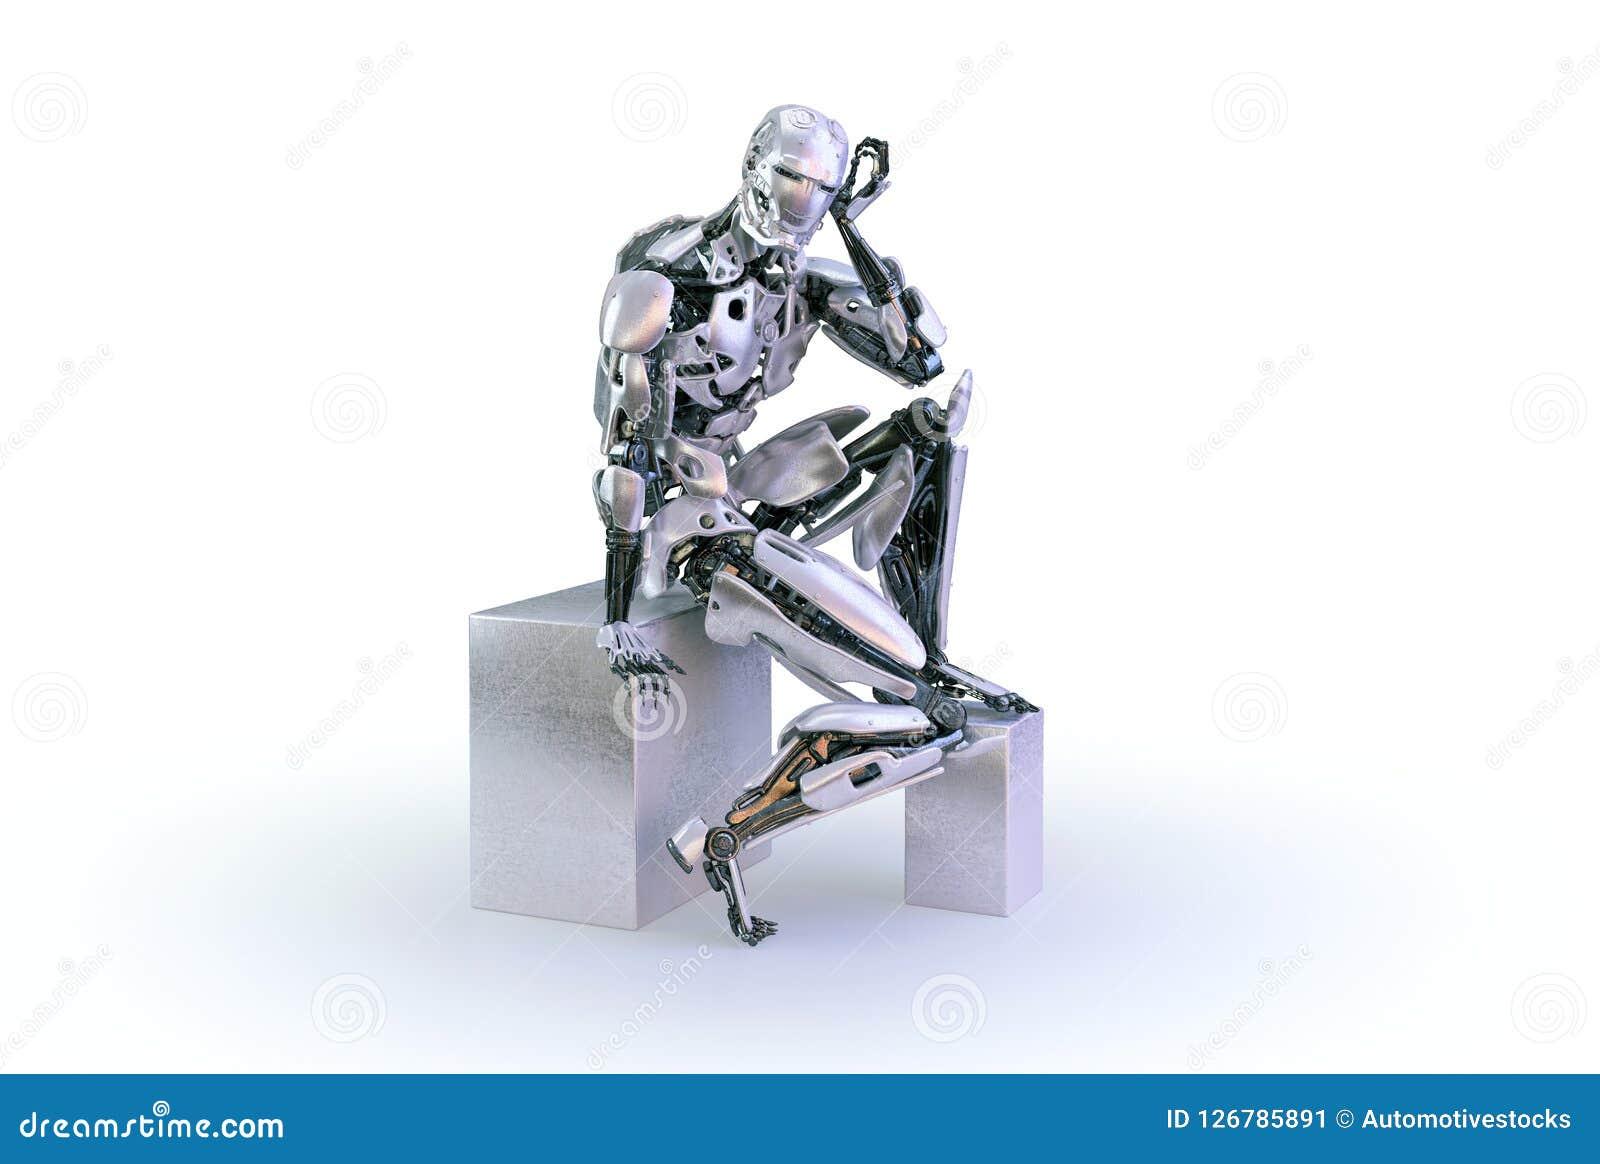 一个男性有人的特点的机器人、机器人或者靠机械装置维持生命的人,下来和认为或计算坐白色演播室背景 3d例证